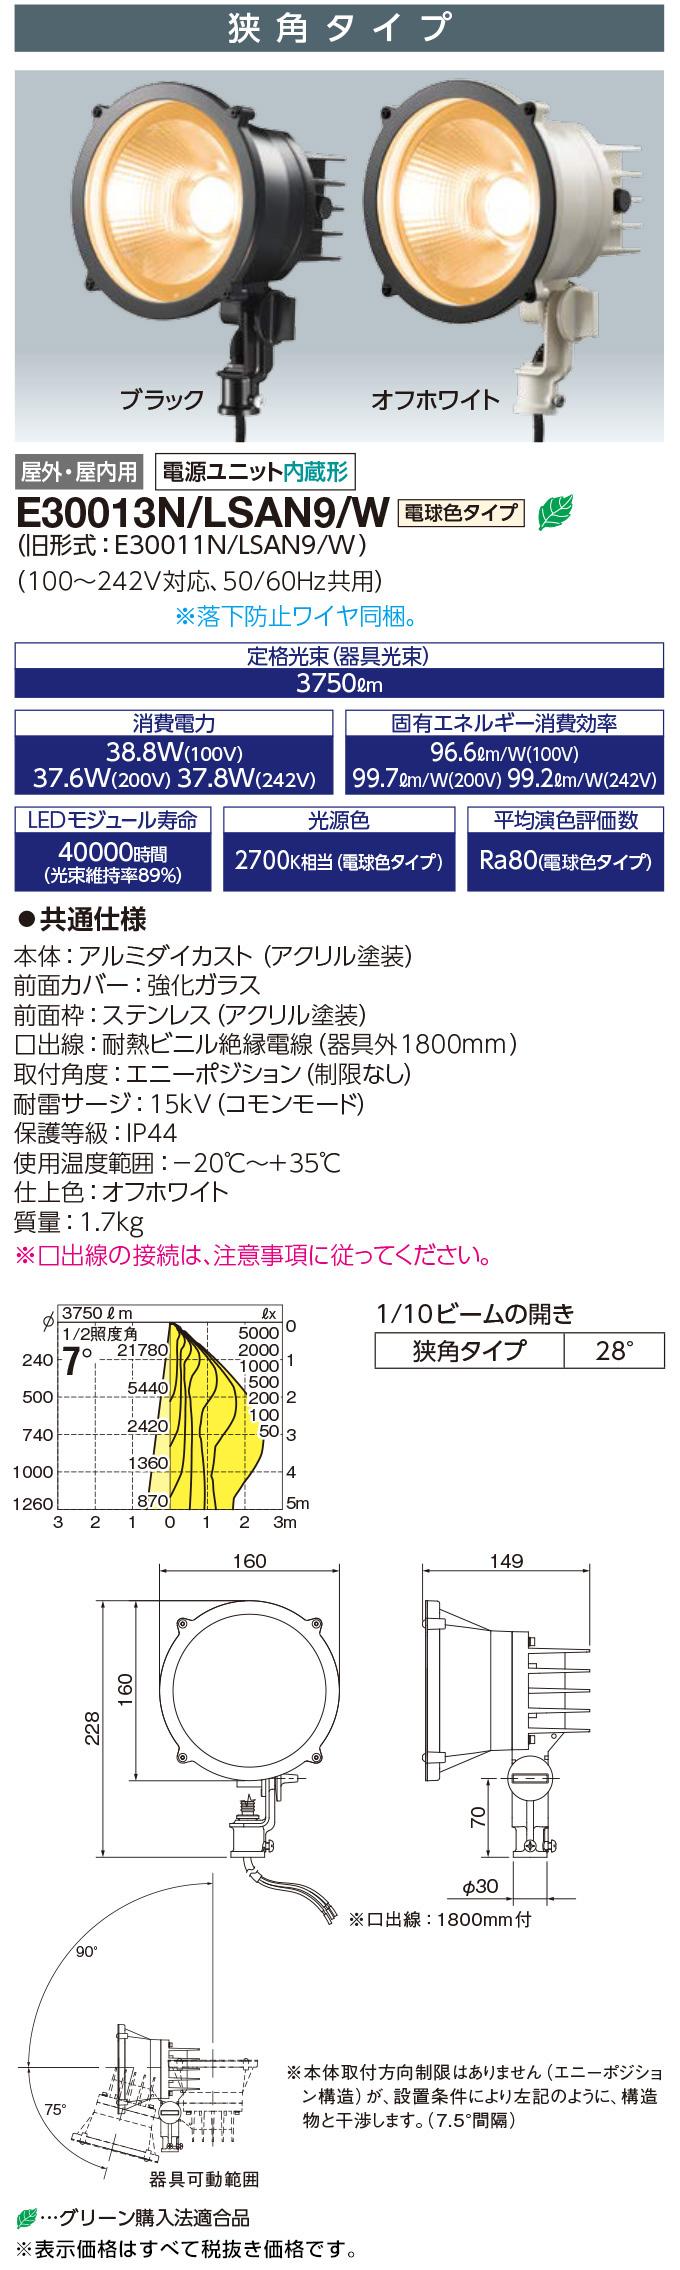 E30013N/LSAN9/W  +  F13M/W